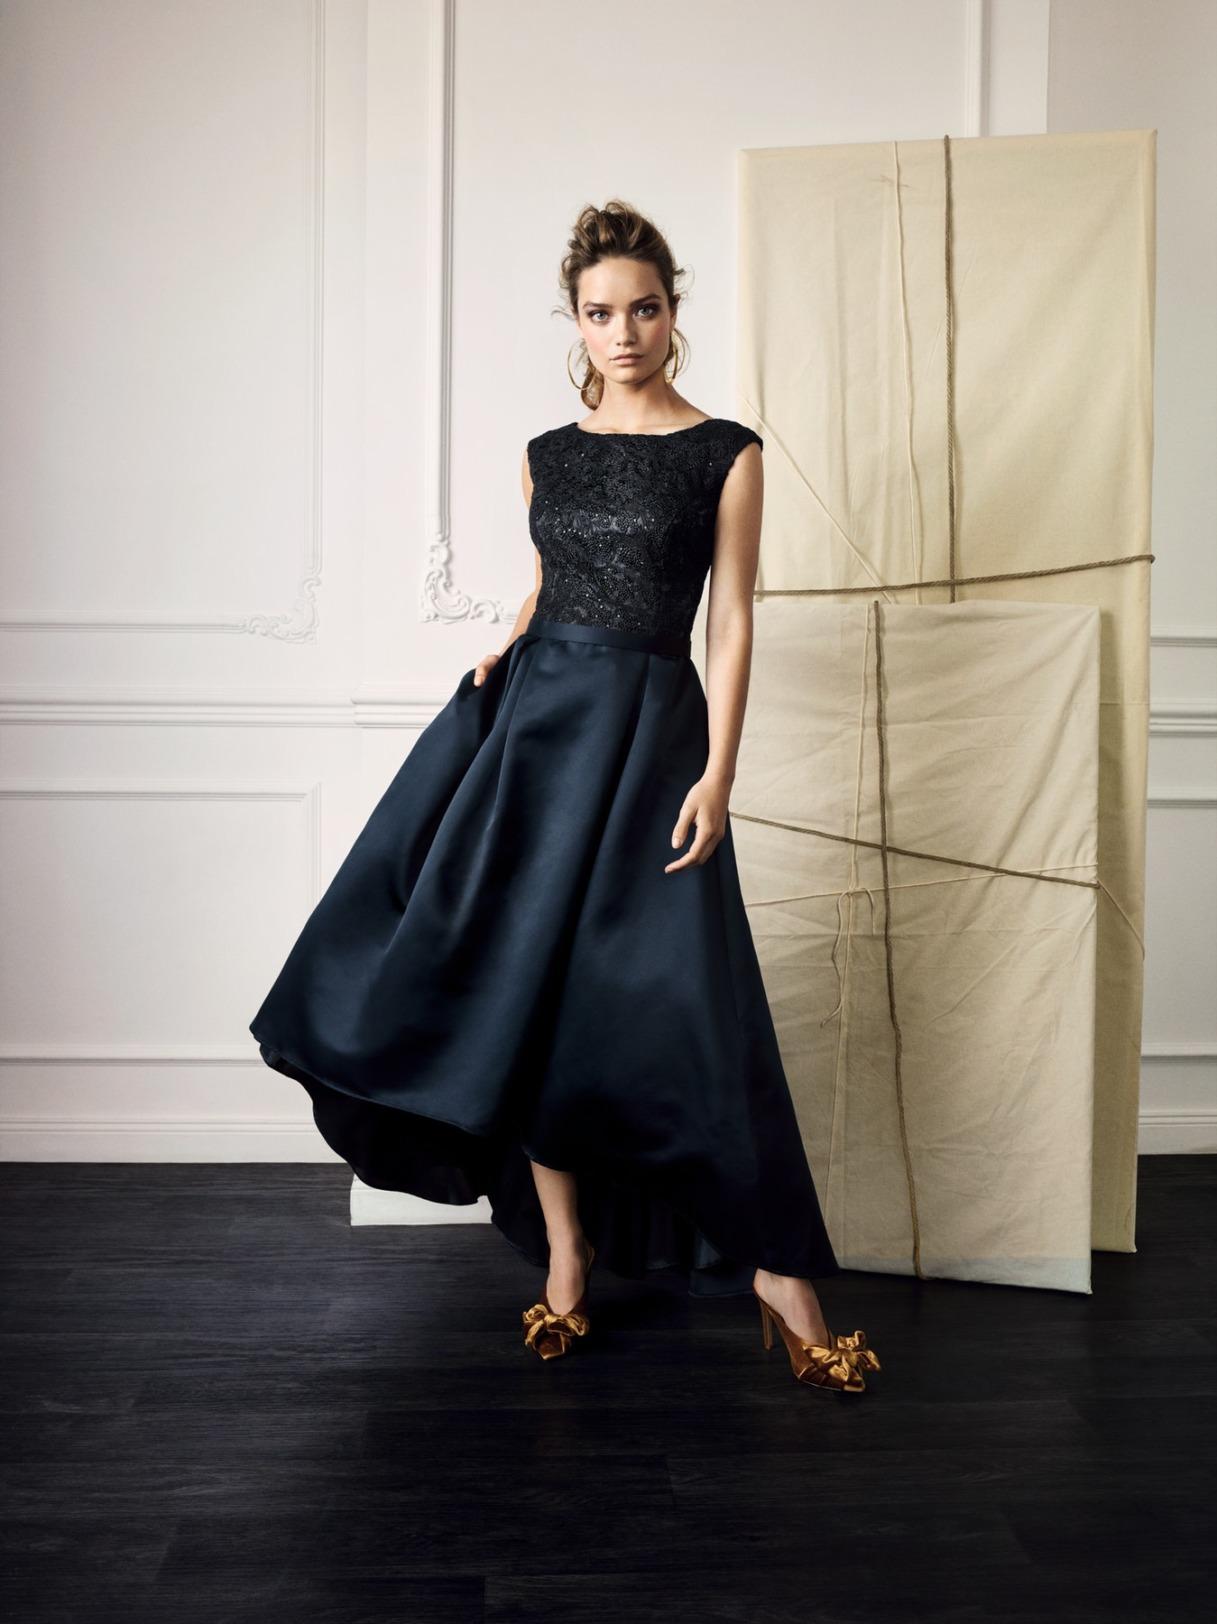 Vera Mont Kleid Anlass Mode Hochzeit Festmode Damen für Eltern dunkelblau blau navy glitzer Abendkleid festlich,